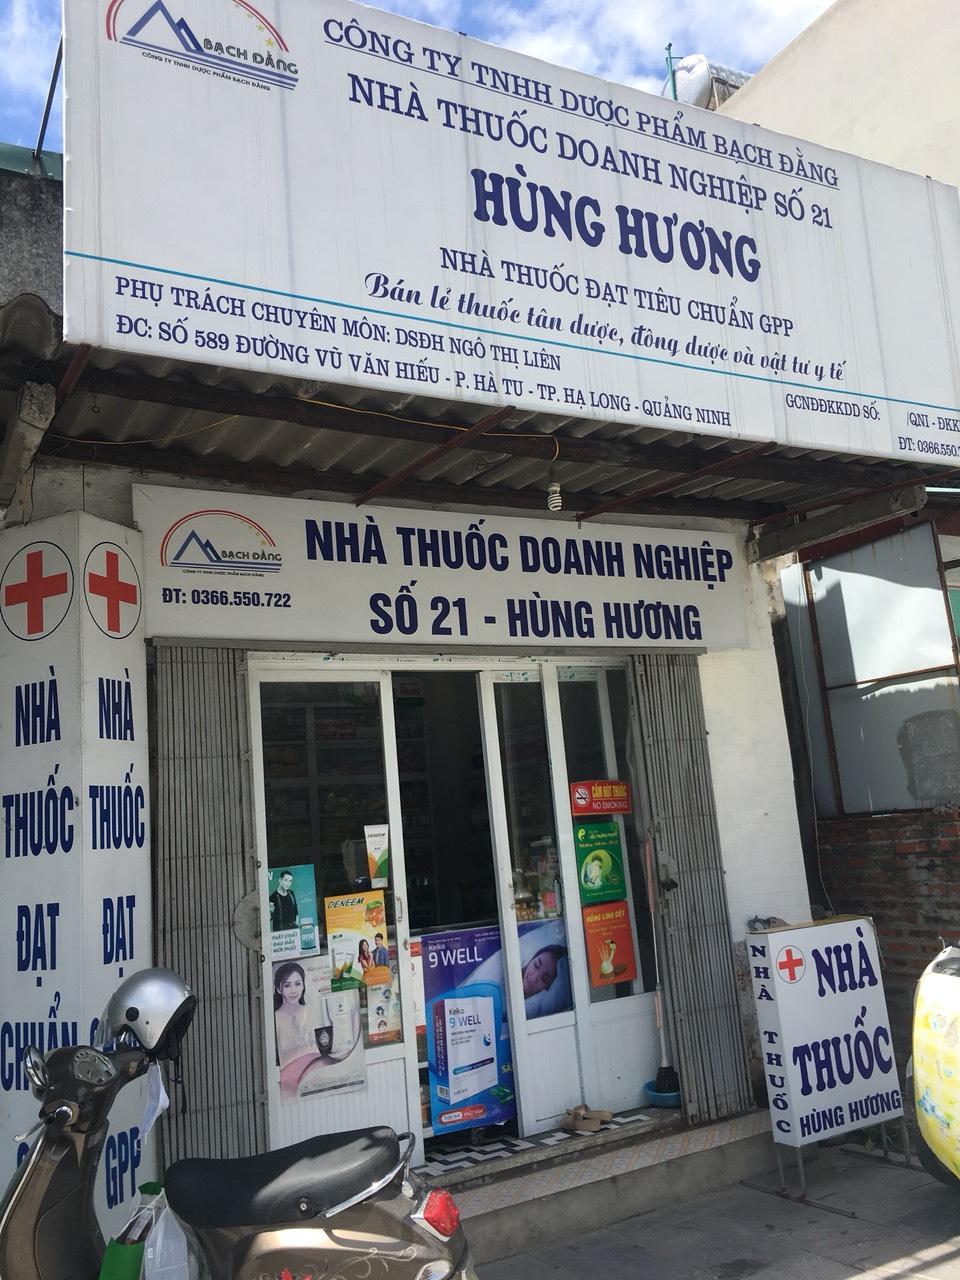 NT Hùng Hương